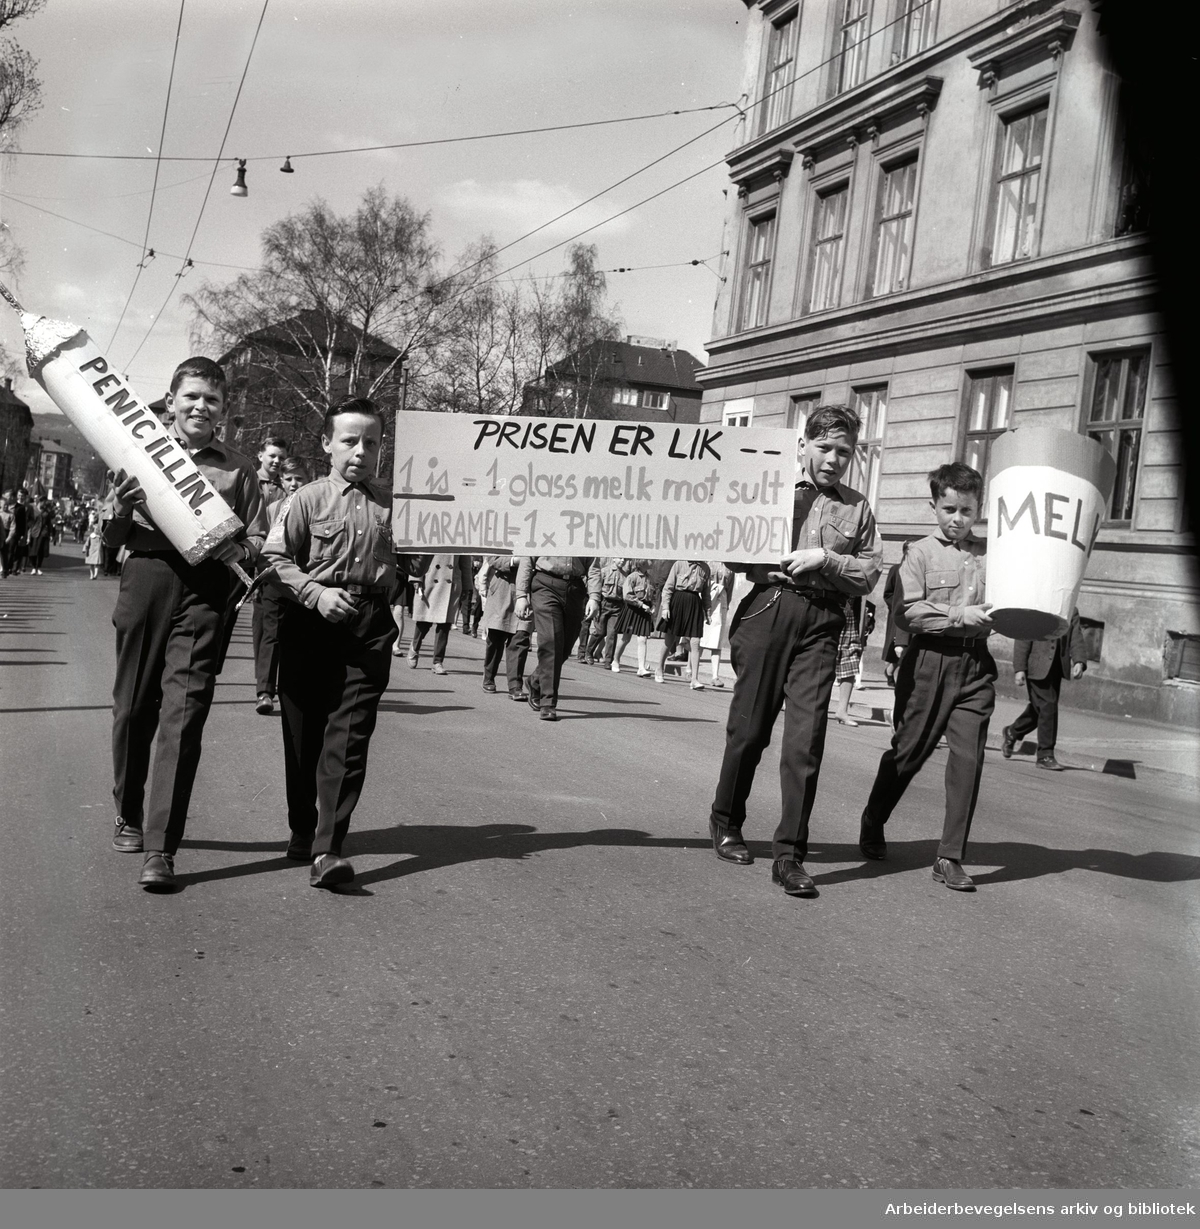 1. mai 1960 i Oslo. Parole: Prisen er lik 1 is = 1 glass melk mot sult. 1 karamell = 1 x penicilin mot døden.